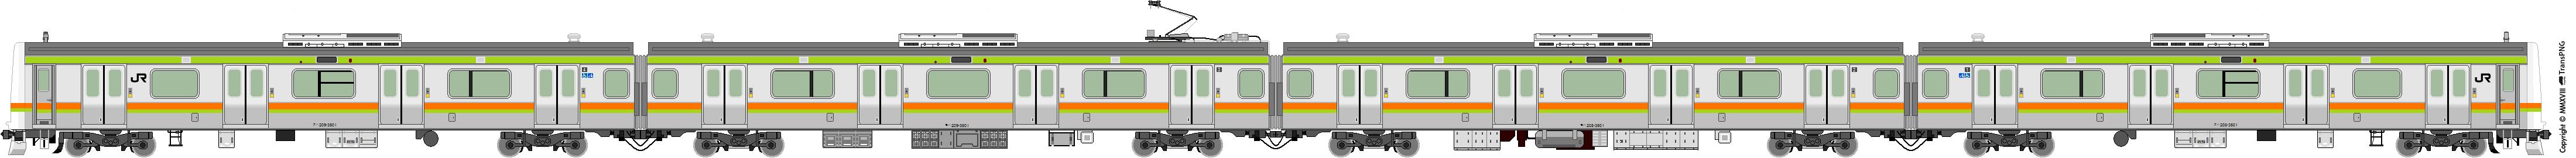 [5440] East Japan Railway 5440